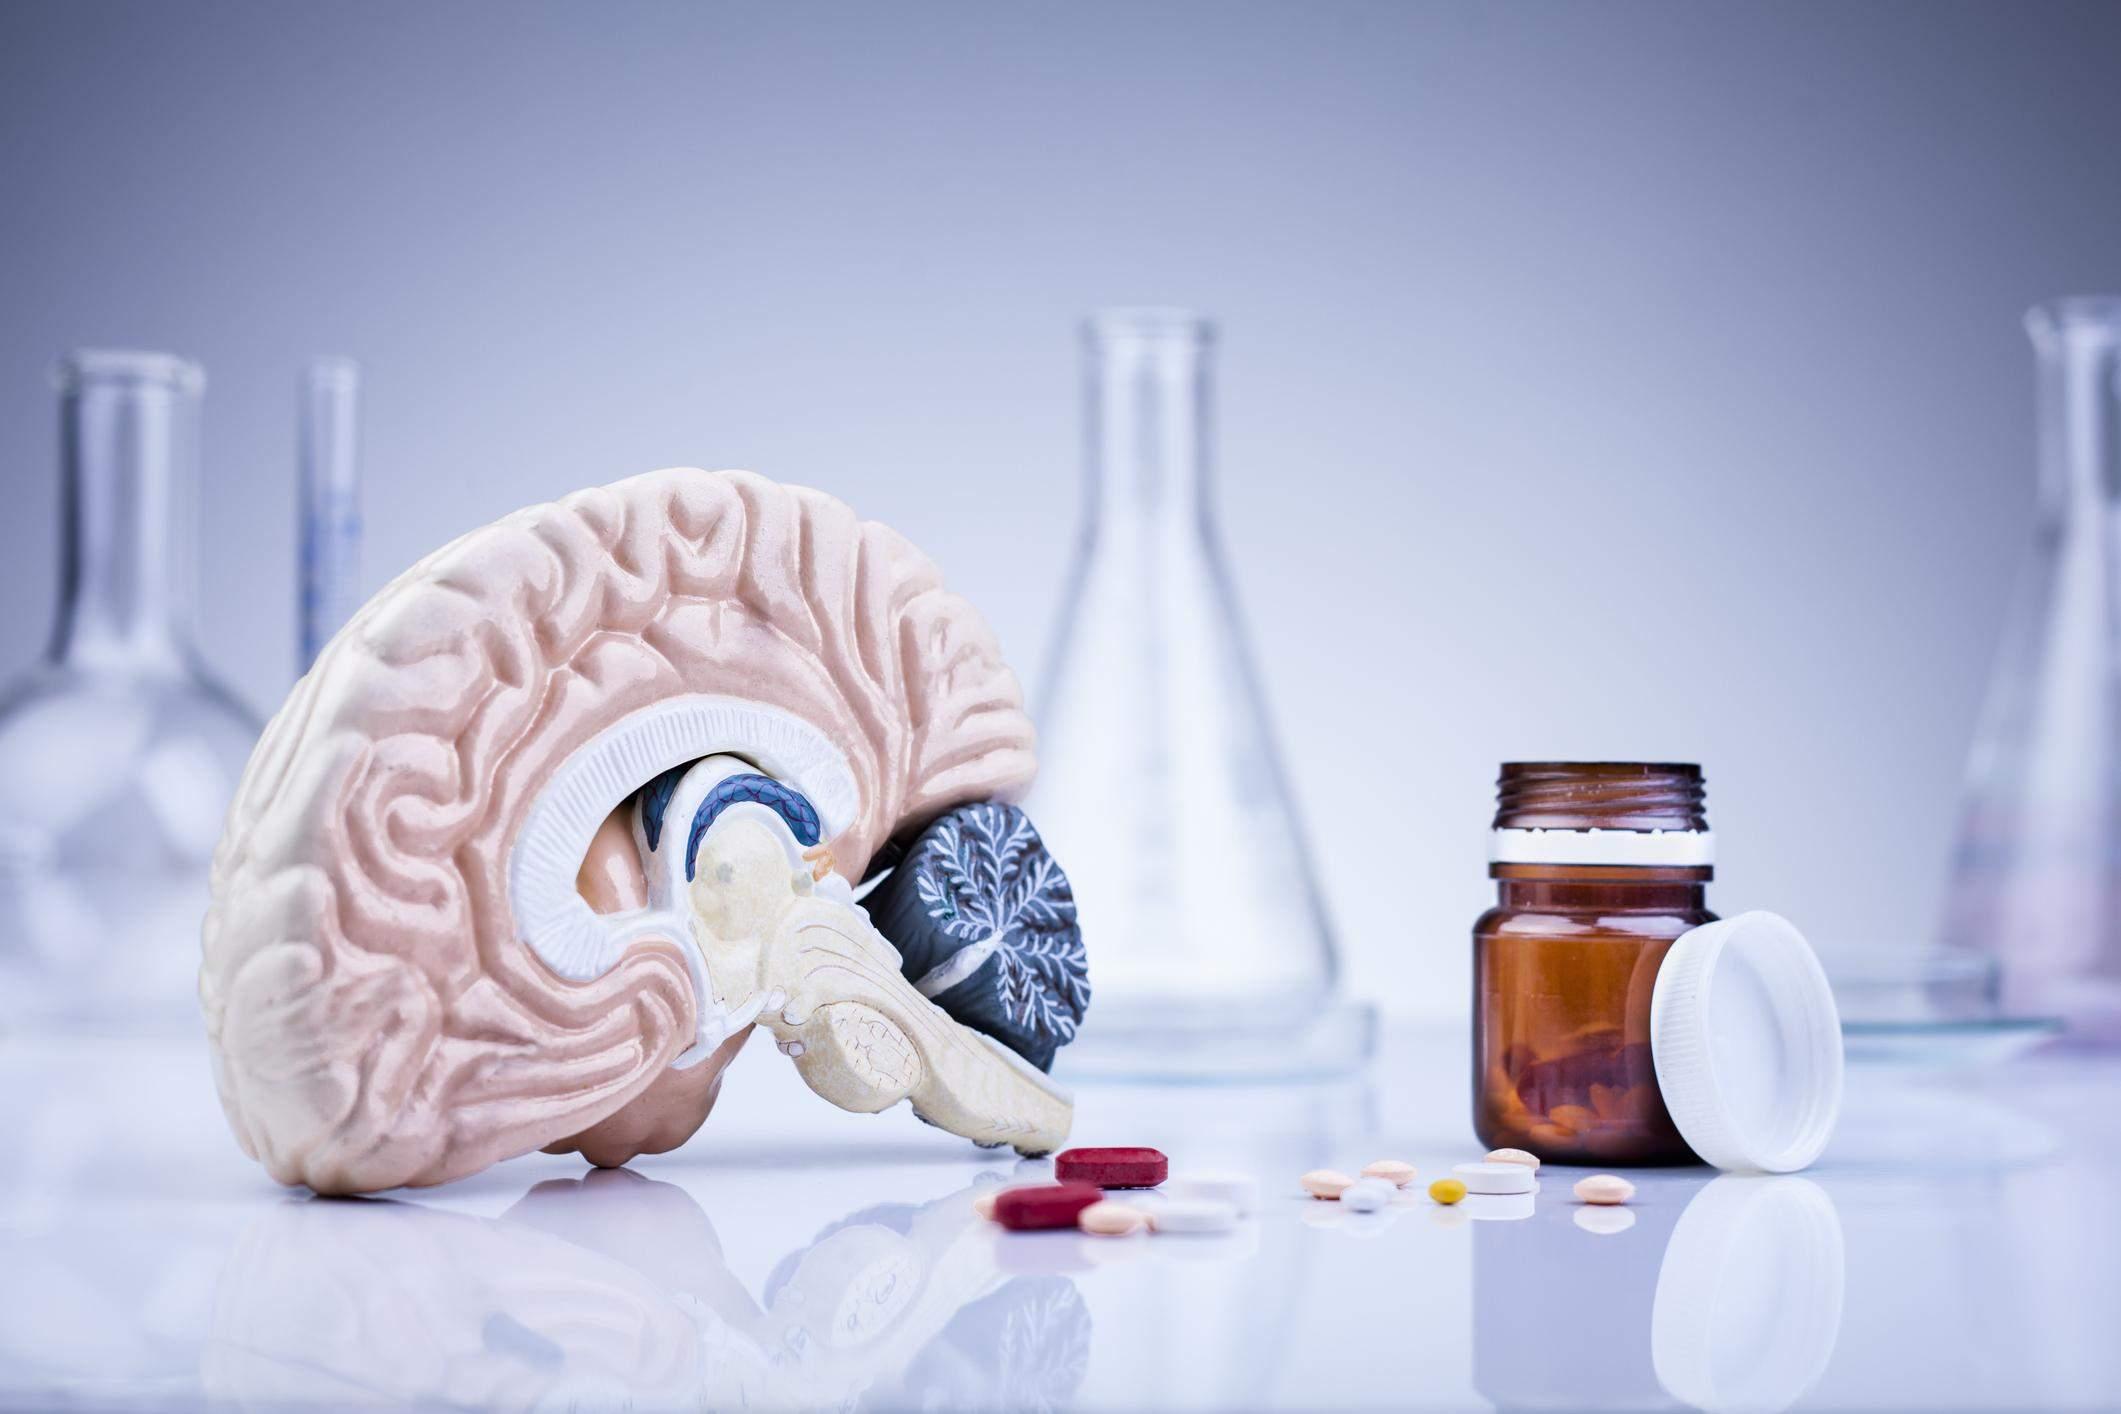 когнітивні порушення при шизофренії можуть призвести до значних вад.